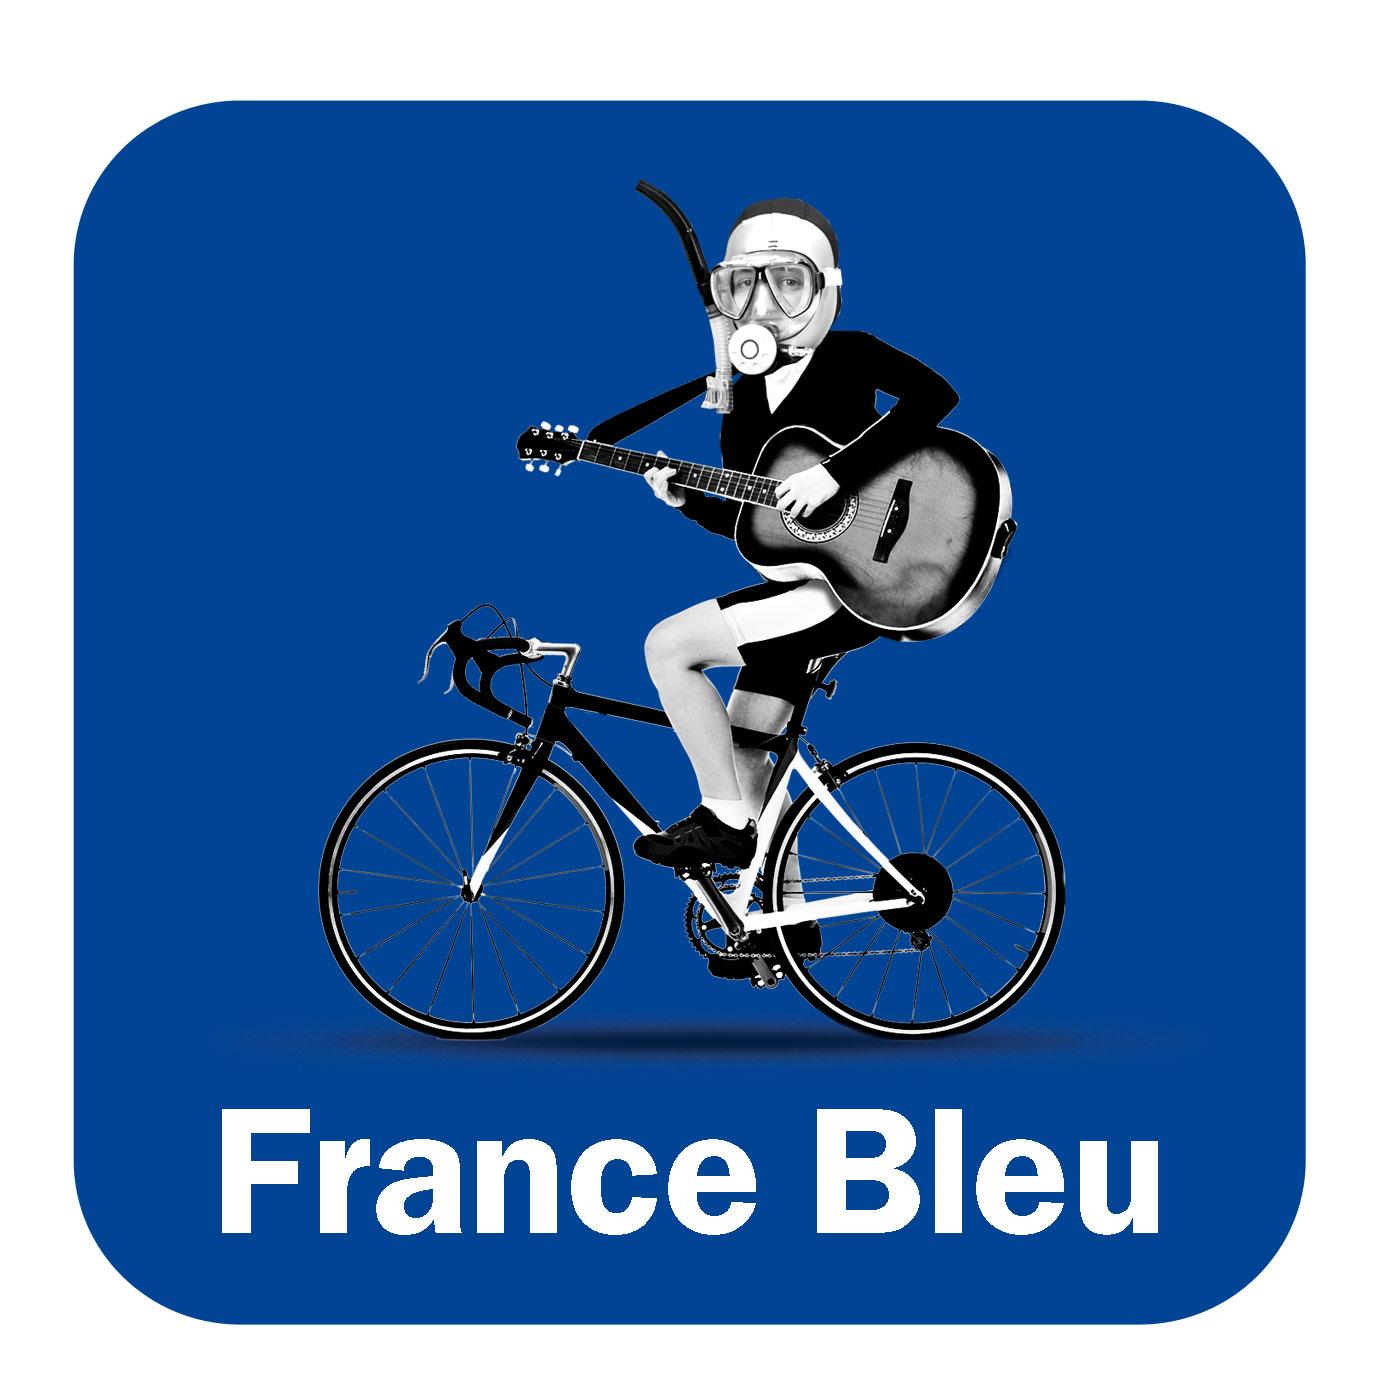 Les Experts Pêche France Bleu Saint-Etienne Loire